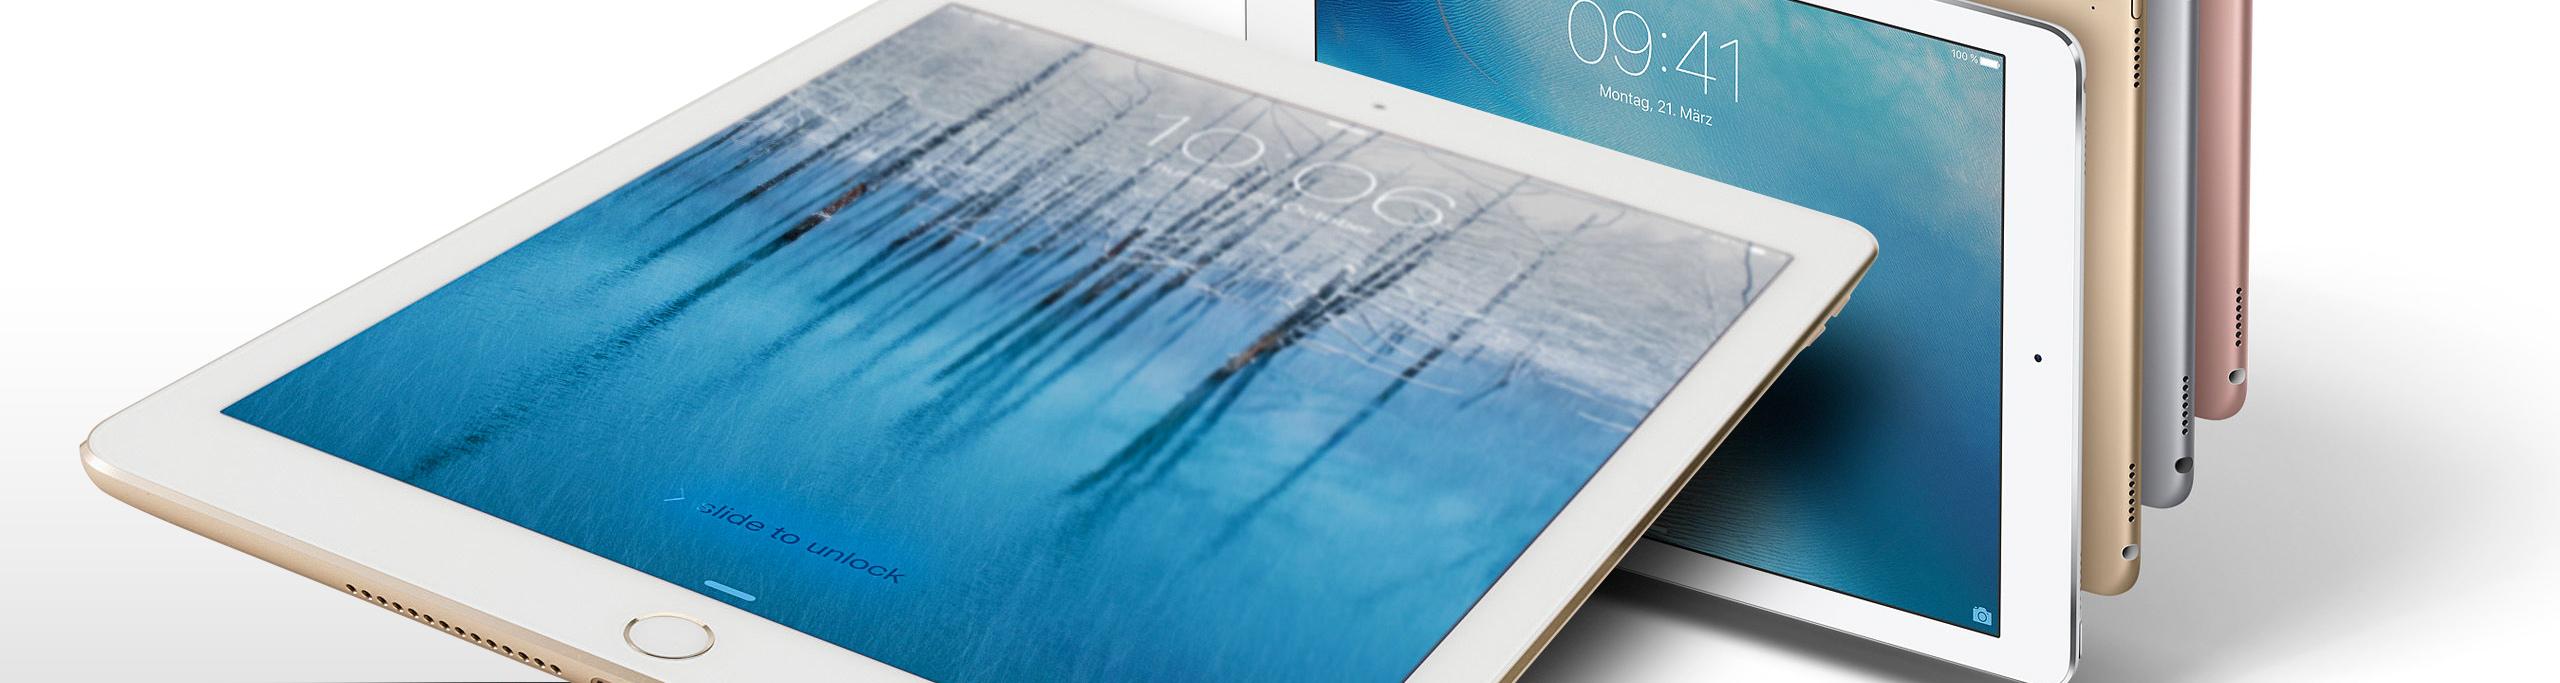 """iPad Pro 9.7"""" (A1673 / A1674 / A1675)"""